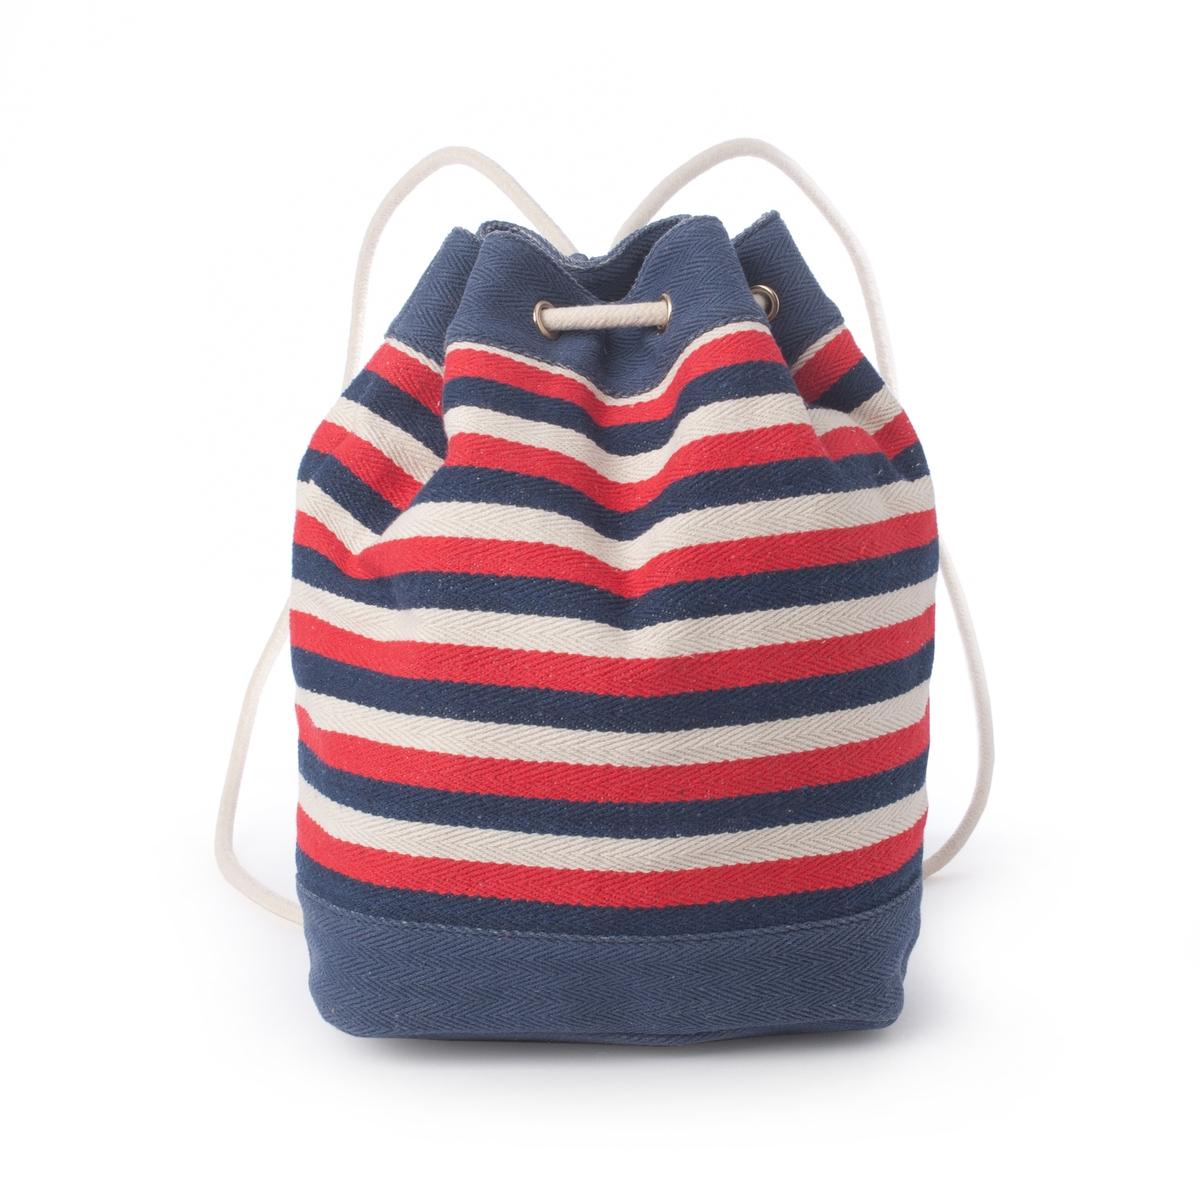 Сумка в форме рюкзакаСумка в полоску в форме рюкзака, R Studio.Стильный и практичный рюкзак мешковатой формы в полоску погружает в атмосферу лета и моря. Состав и описаниеМатериал : текстильная внешняя часть из канвы                 Подкладка из полиэстера. Марка : R Studio.Размеры : 32 x 23 x 14 смЗастежка : завязка на кулиске.1 карман на молнии и 2 кармана для мобильного телефона.Ремень не регулируется и не снимается.<br><br>Цвет: синий/ белый/ красный